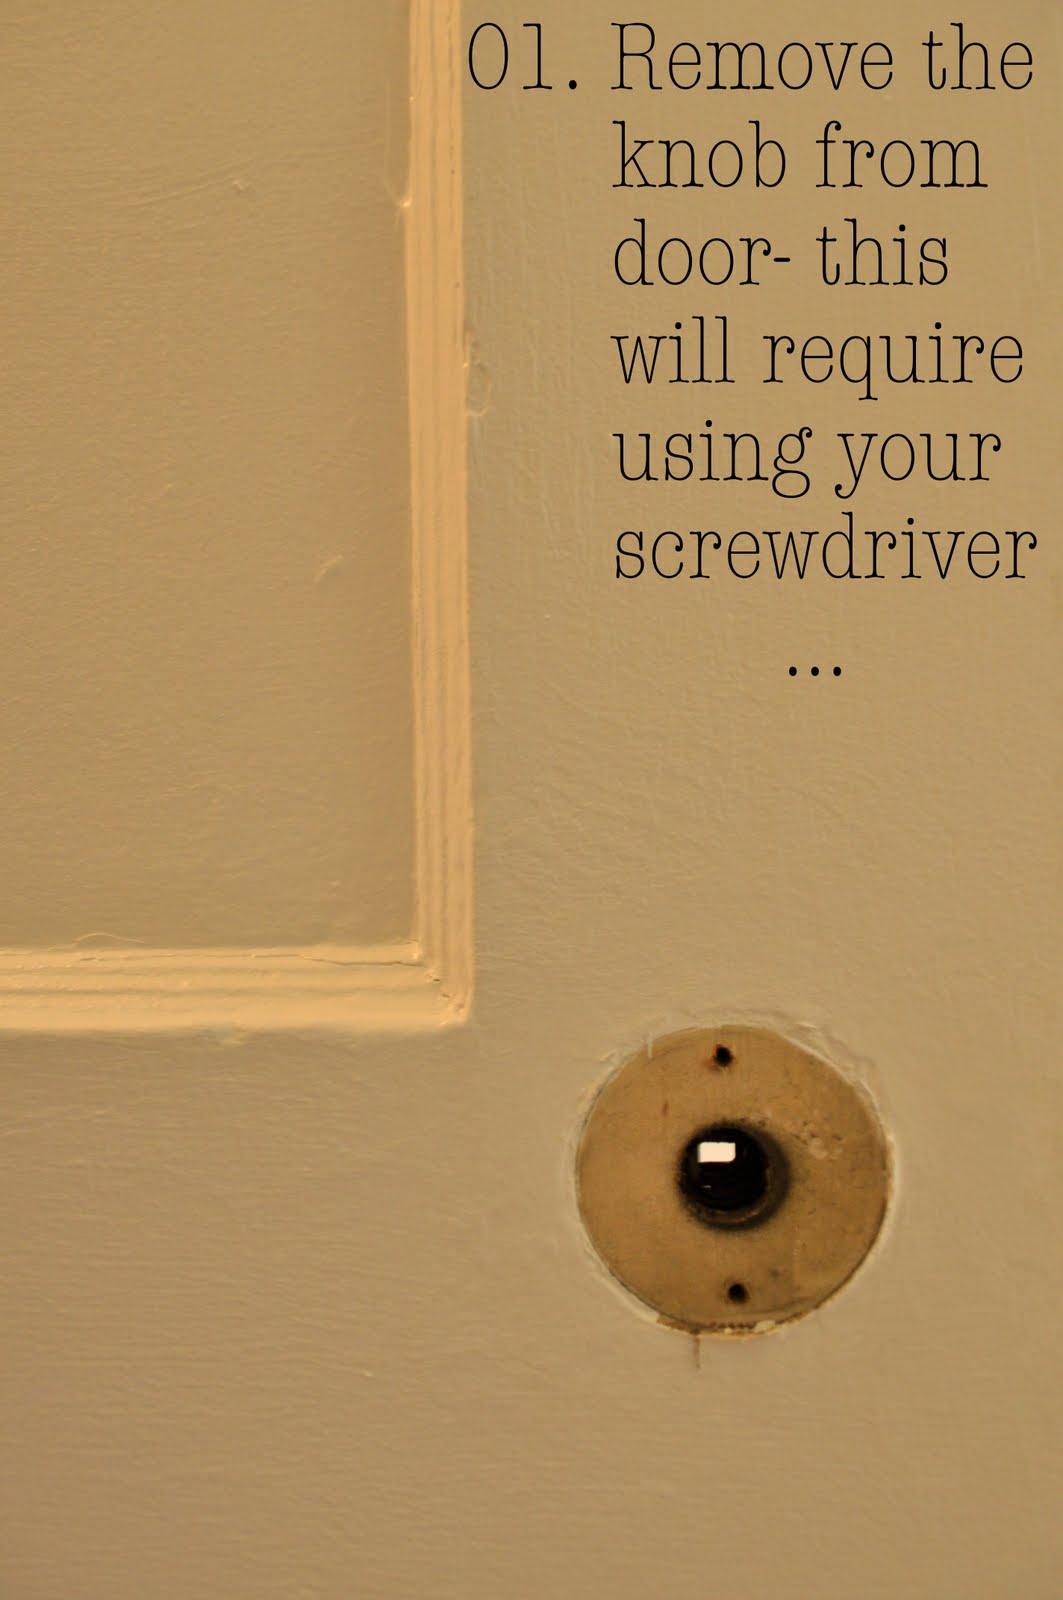 door knobs and broomsticks photo - 4